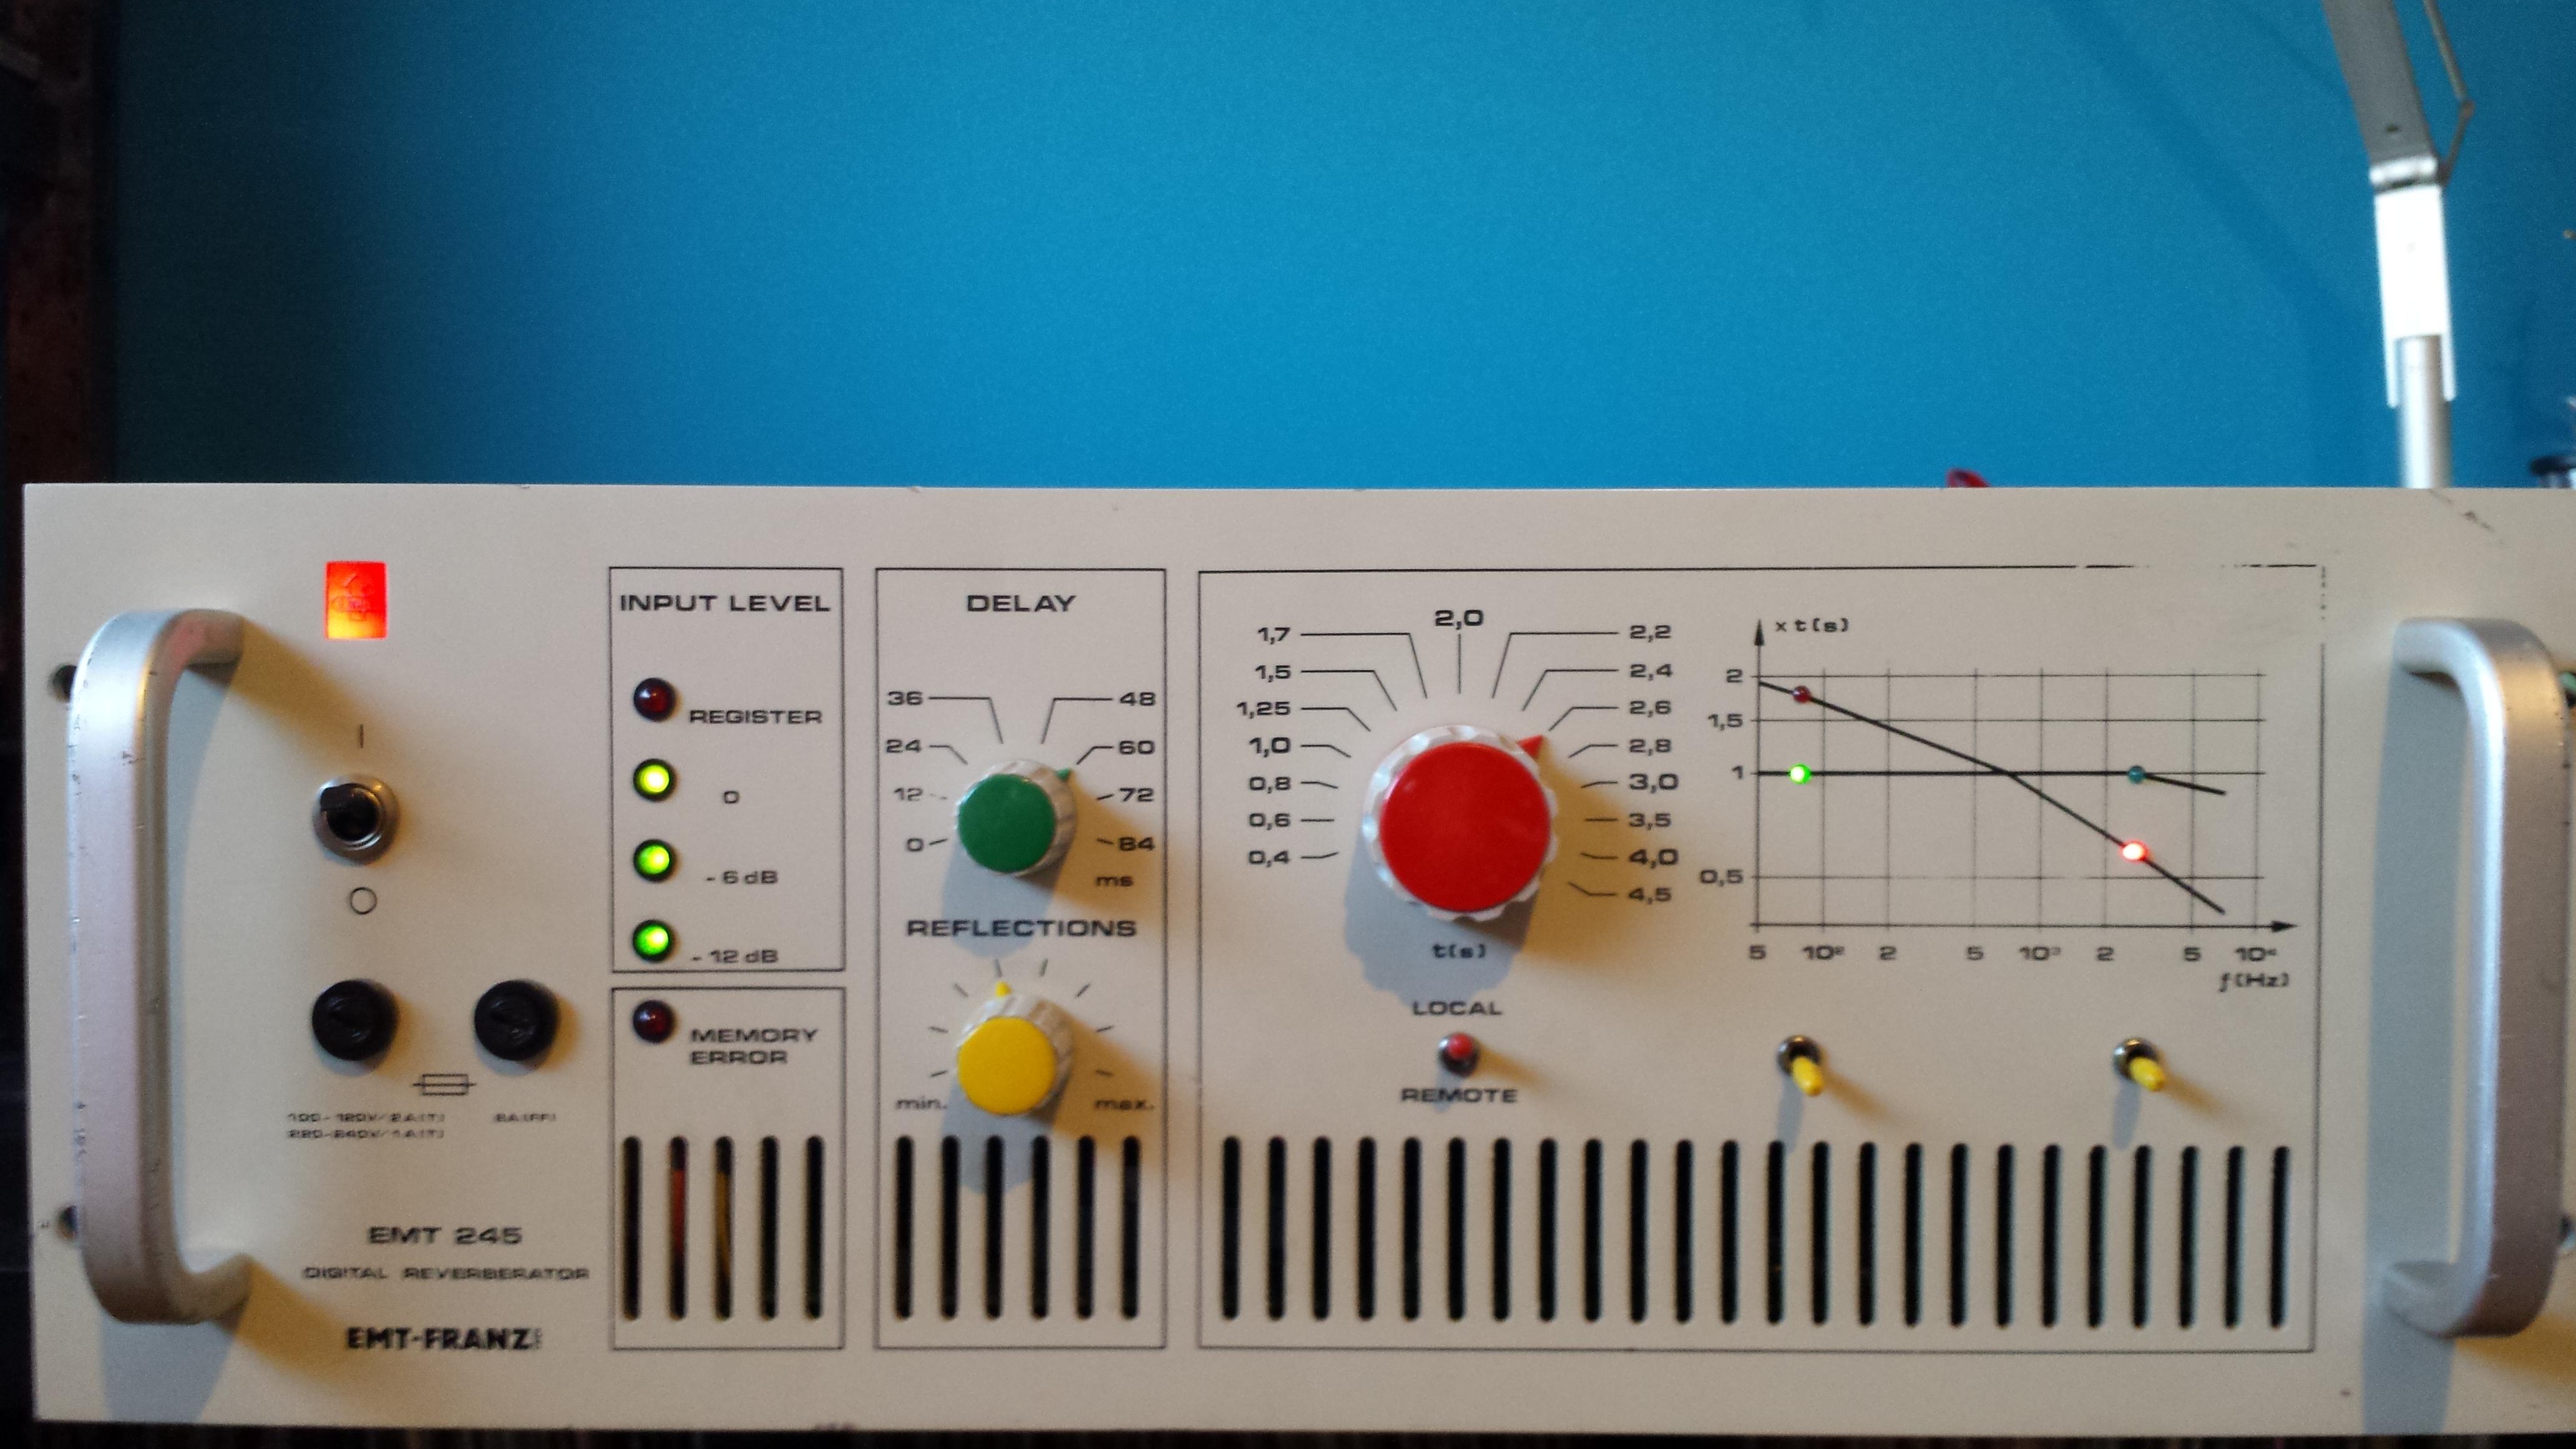 Emt 245 Manual Inncom E528 Wiring Diagram Room Array Rh Logoutev De